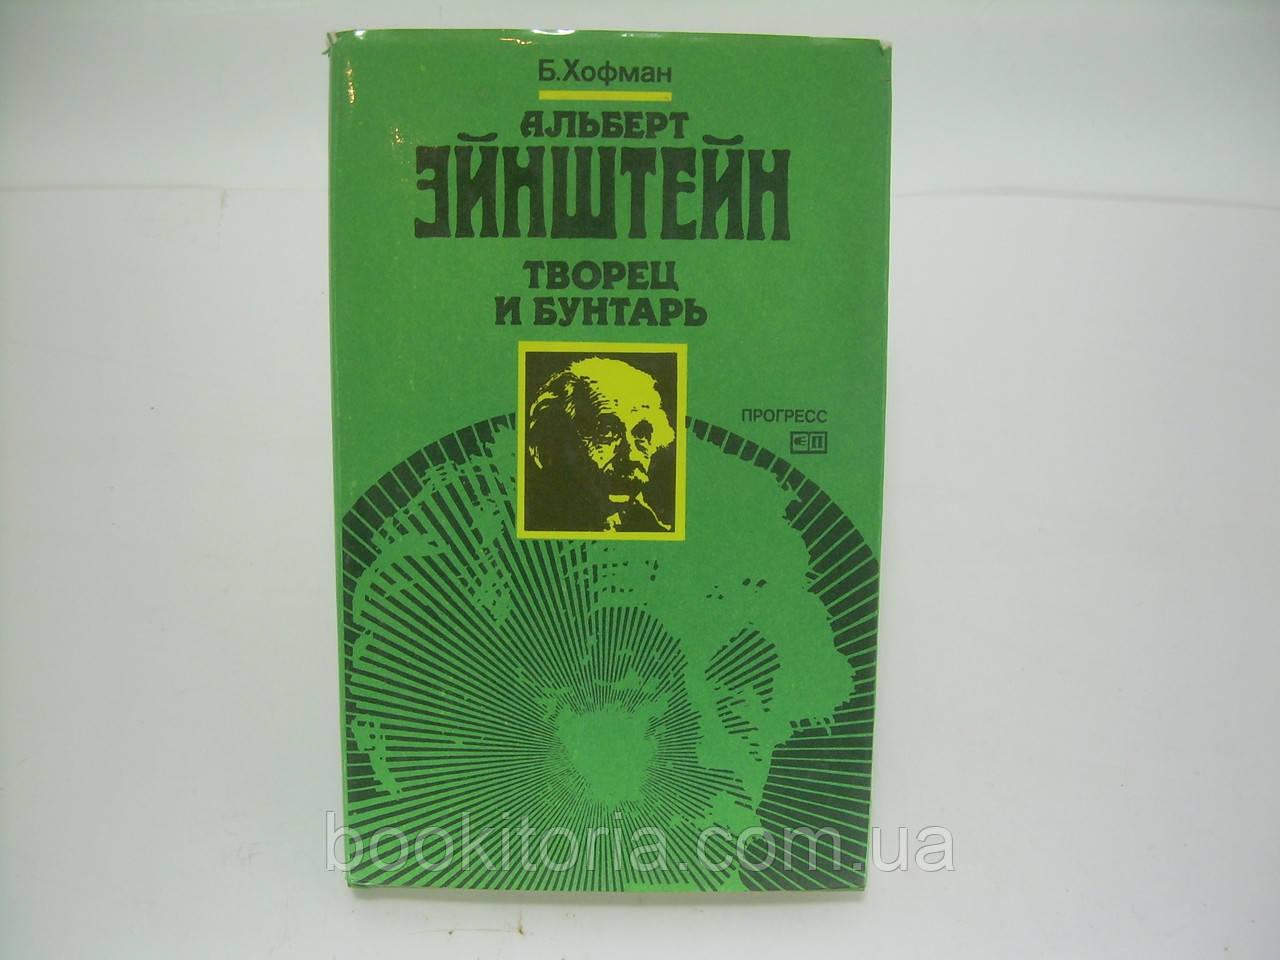 Хофман Б., Дюкас Э. Альберт Эйнштейн. Творец и бунтарь (б/у).